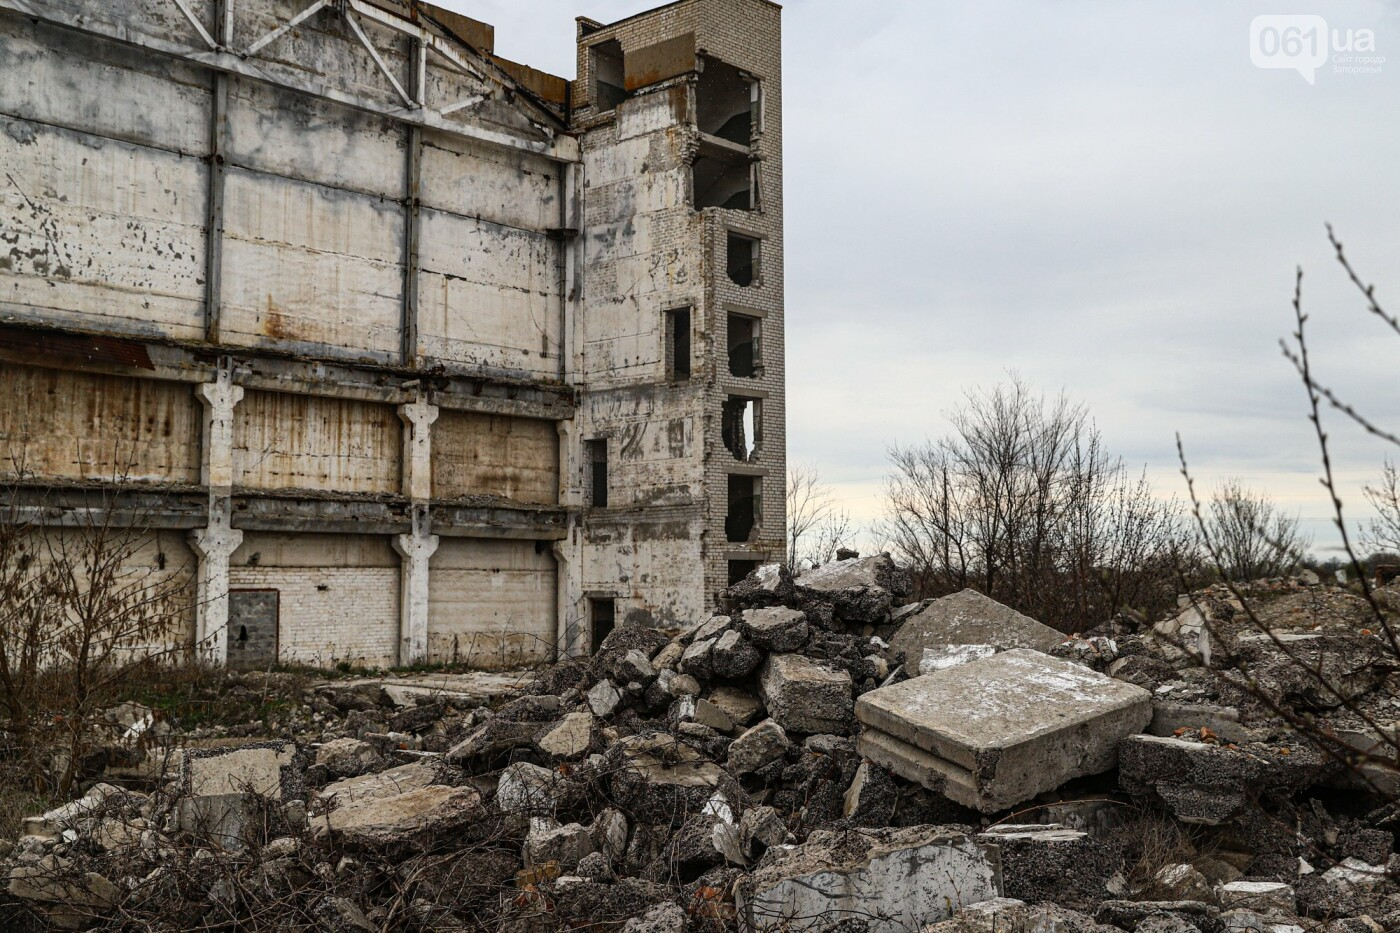 В Степногорске пытаются разобрать на металлолом шахту - промплощадка ГОКа превратилась в руины, - ФОТОРЕПОРТАЖ , фото-30